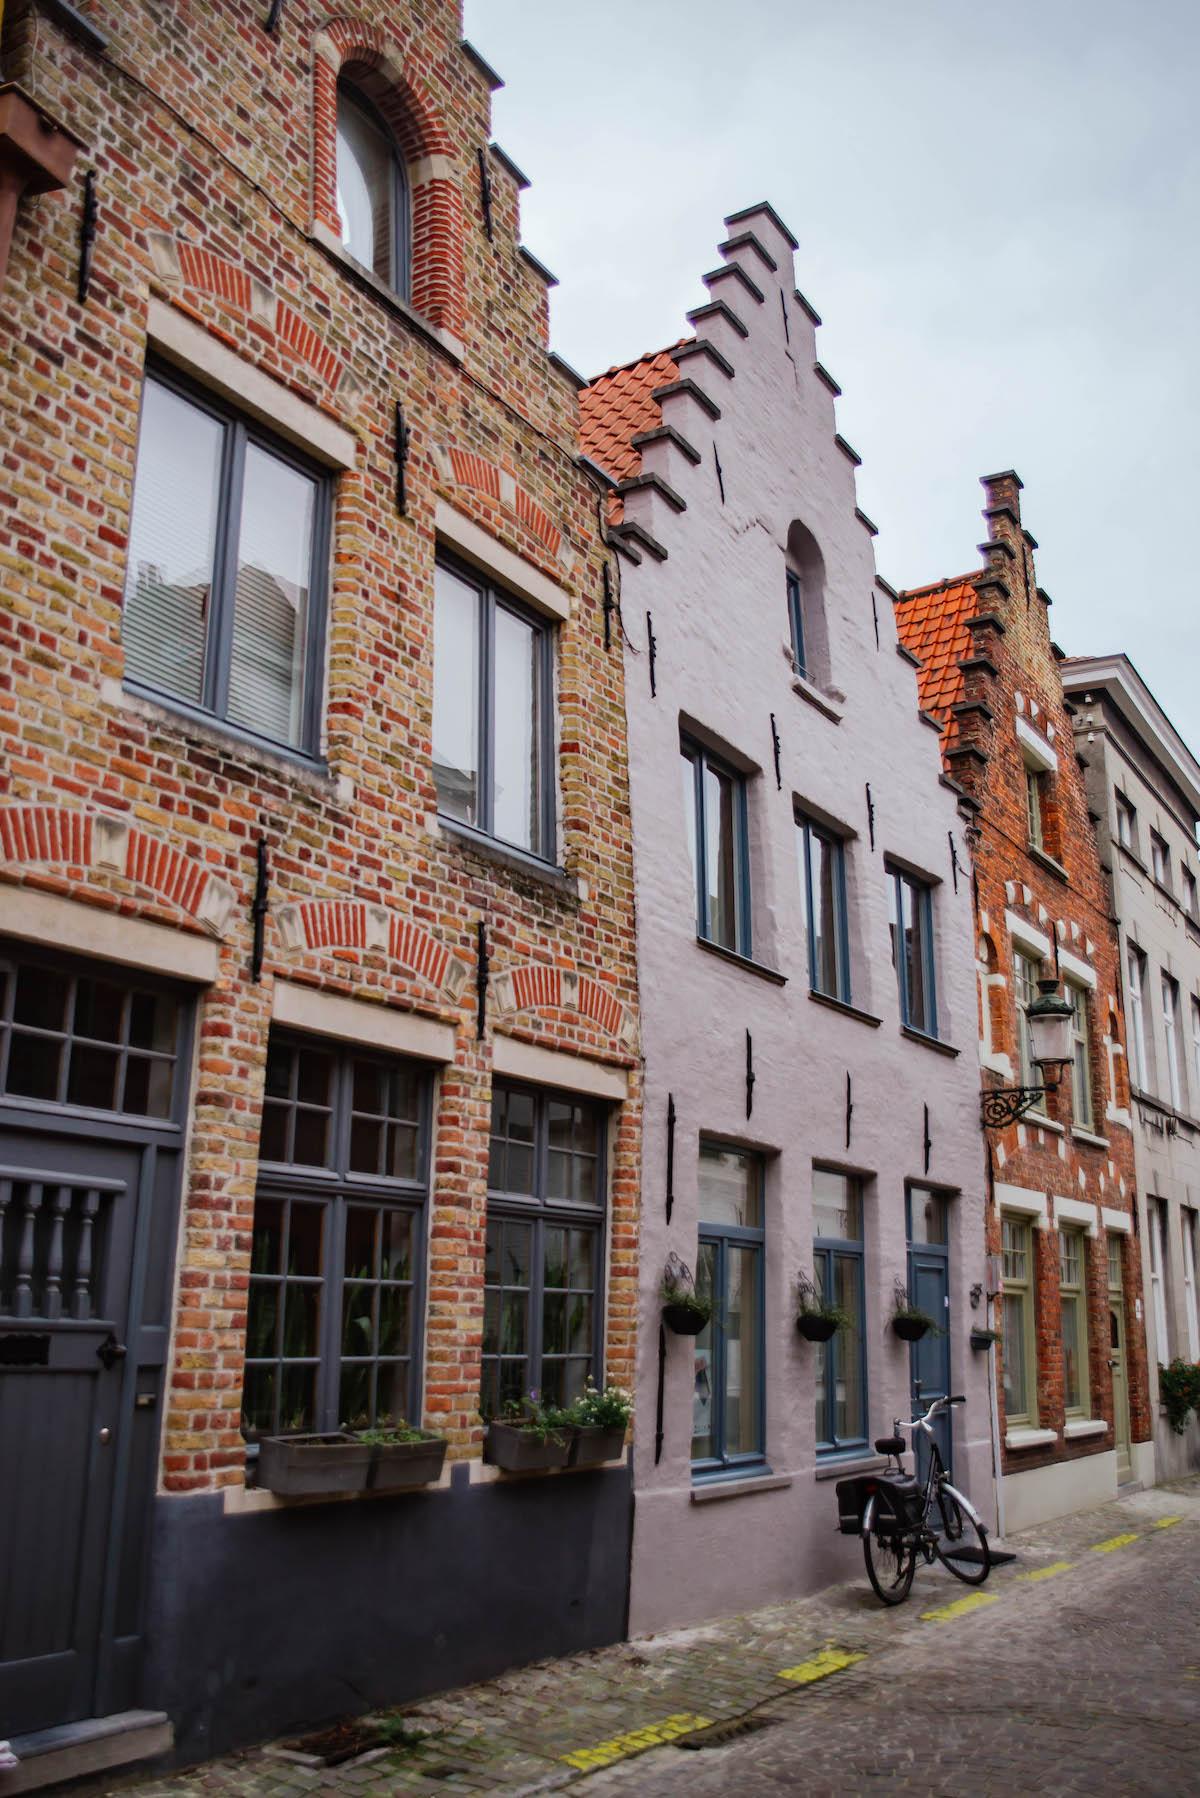 Bruges Canal Homes